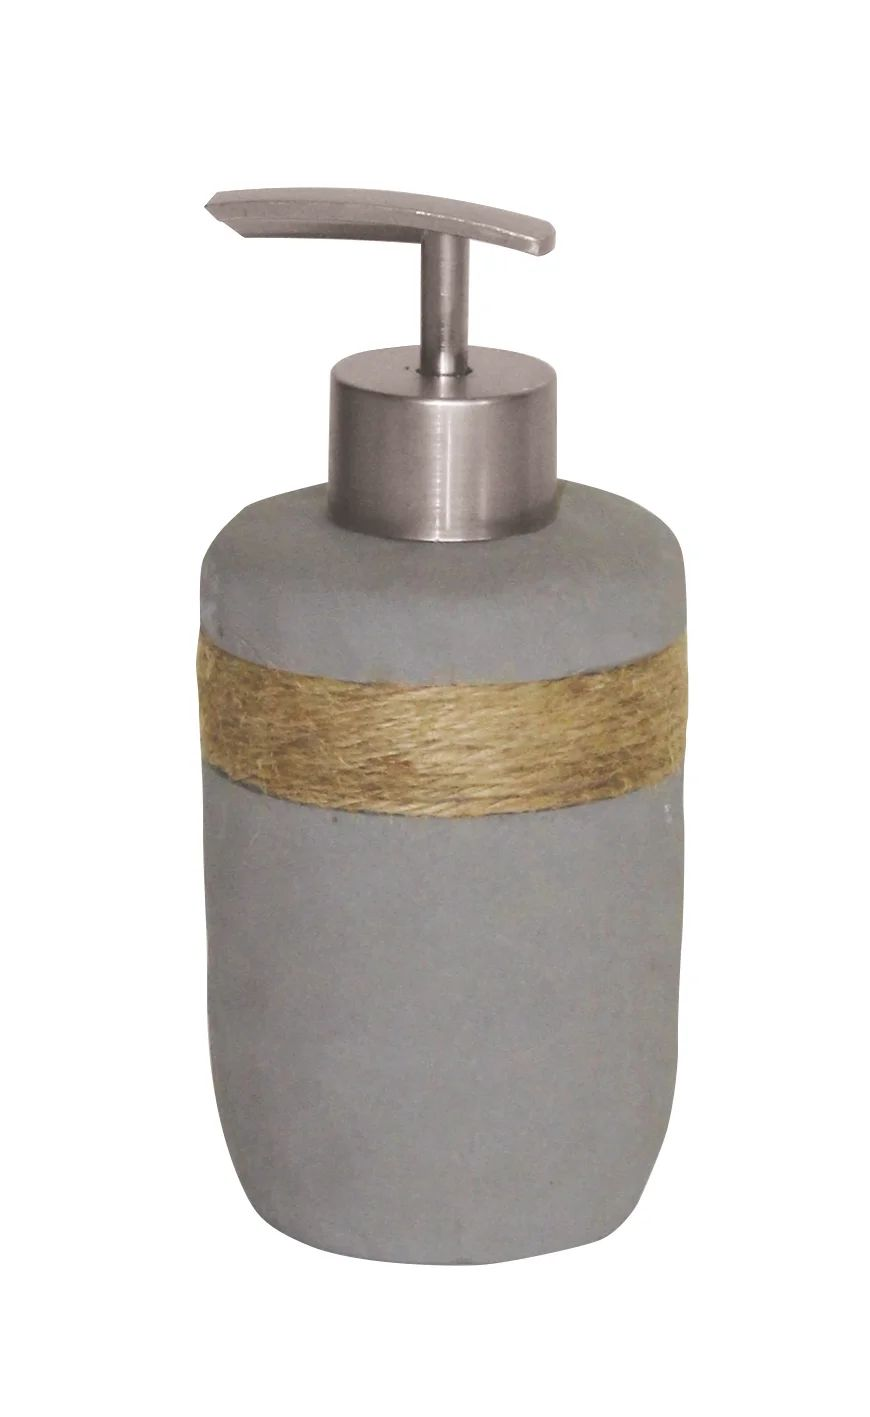 Distributeur De Savon Ciment Lasco Gris Argent Leroy Merlin